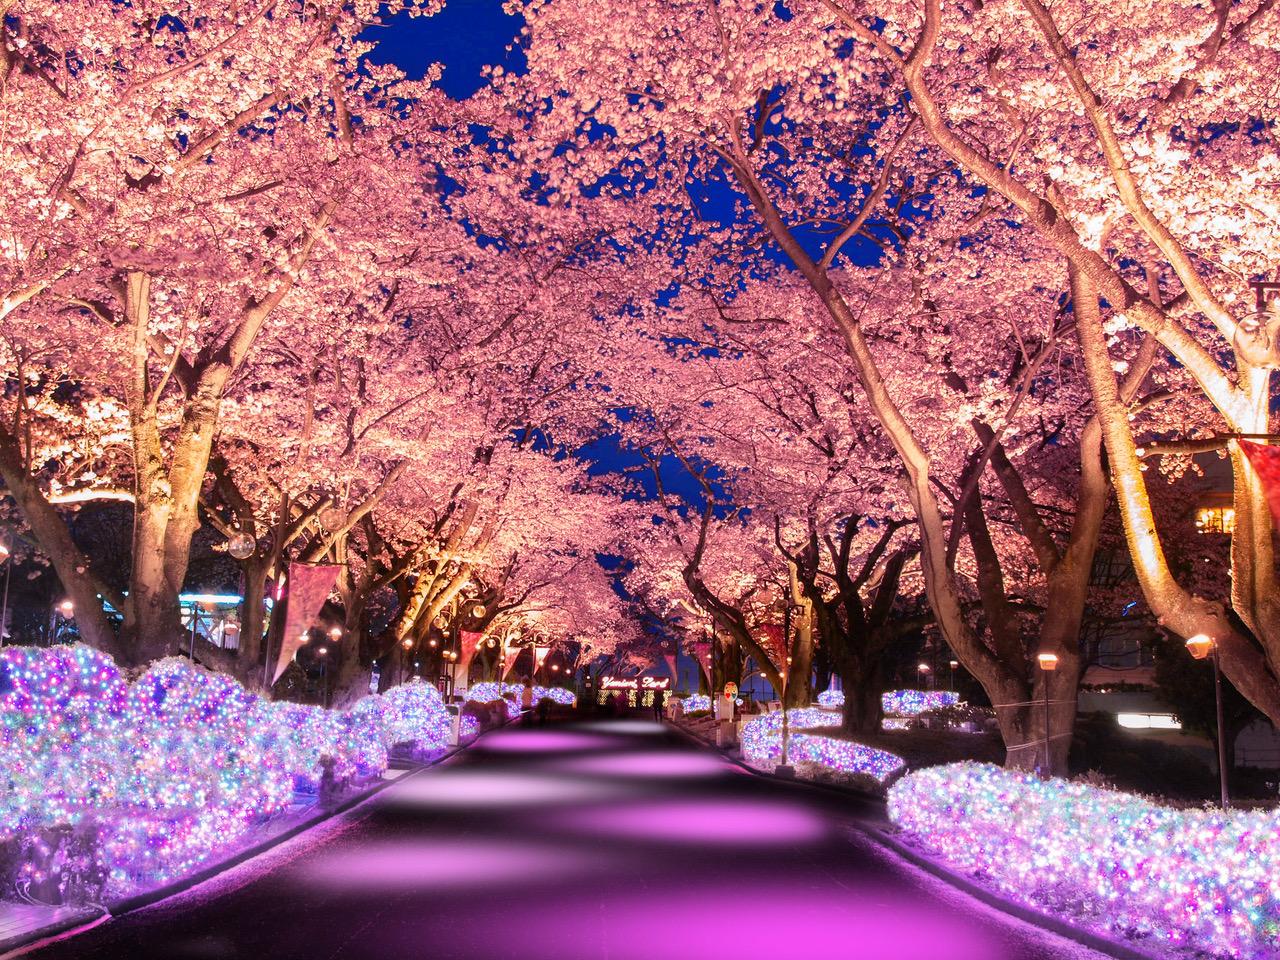 よみうりランド yomiuri land 桜 sakura illumination イルミネーション